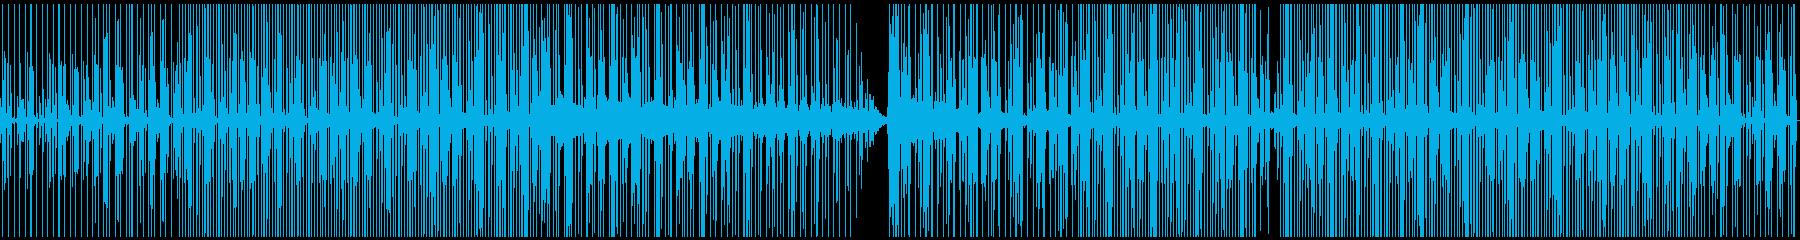 無機質でゆったりとしたテクノの再生済みの波形